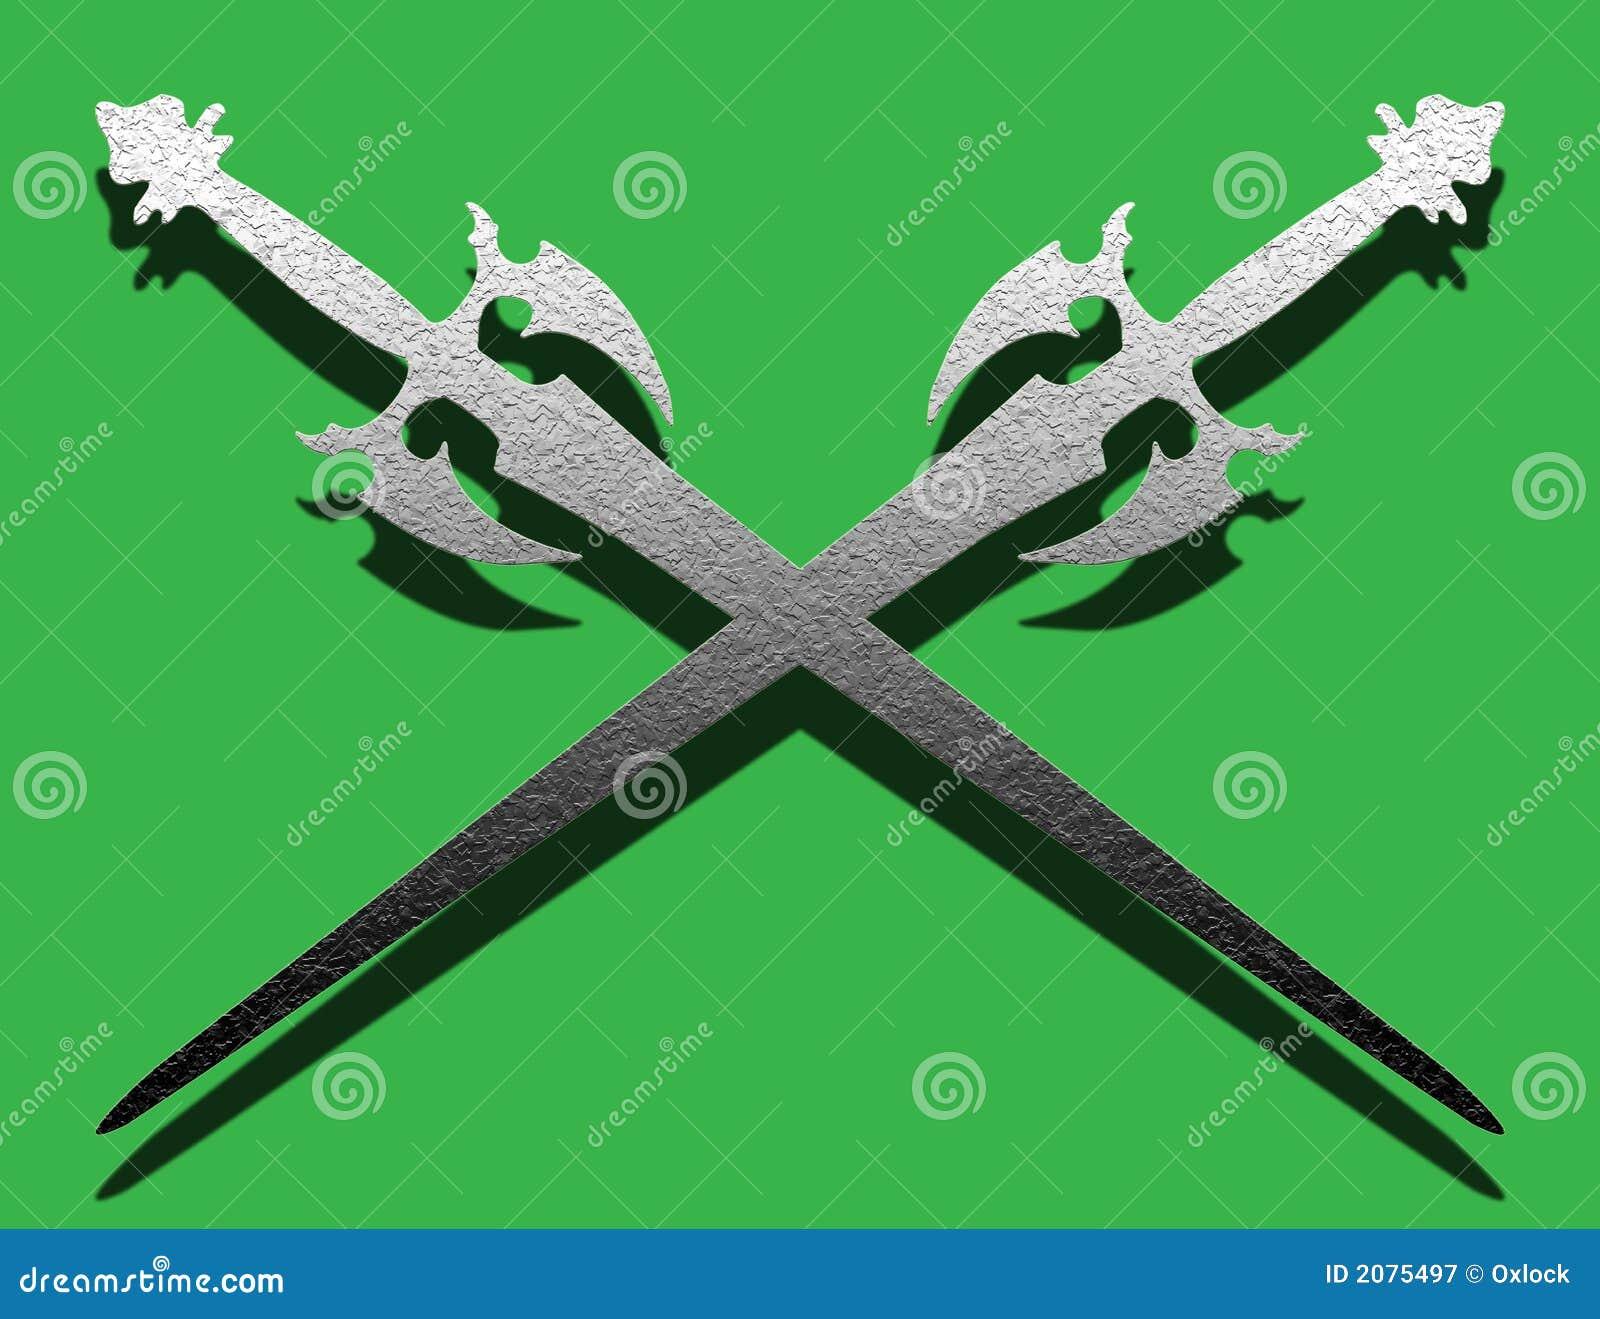 Espadas antigas